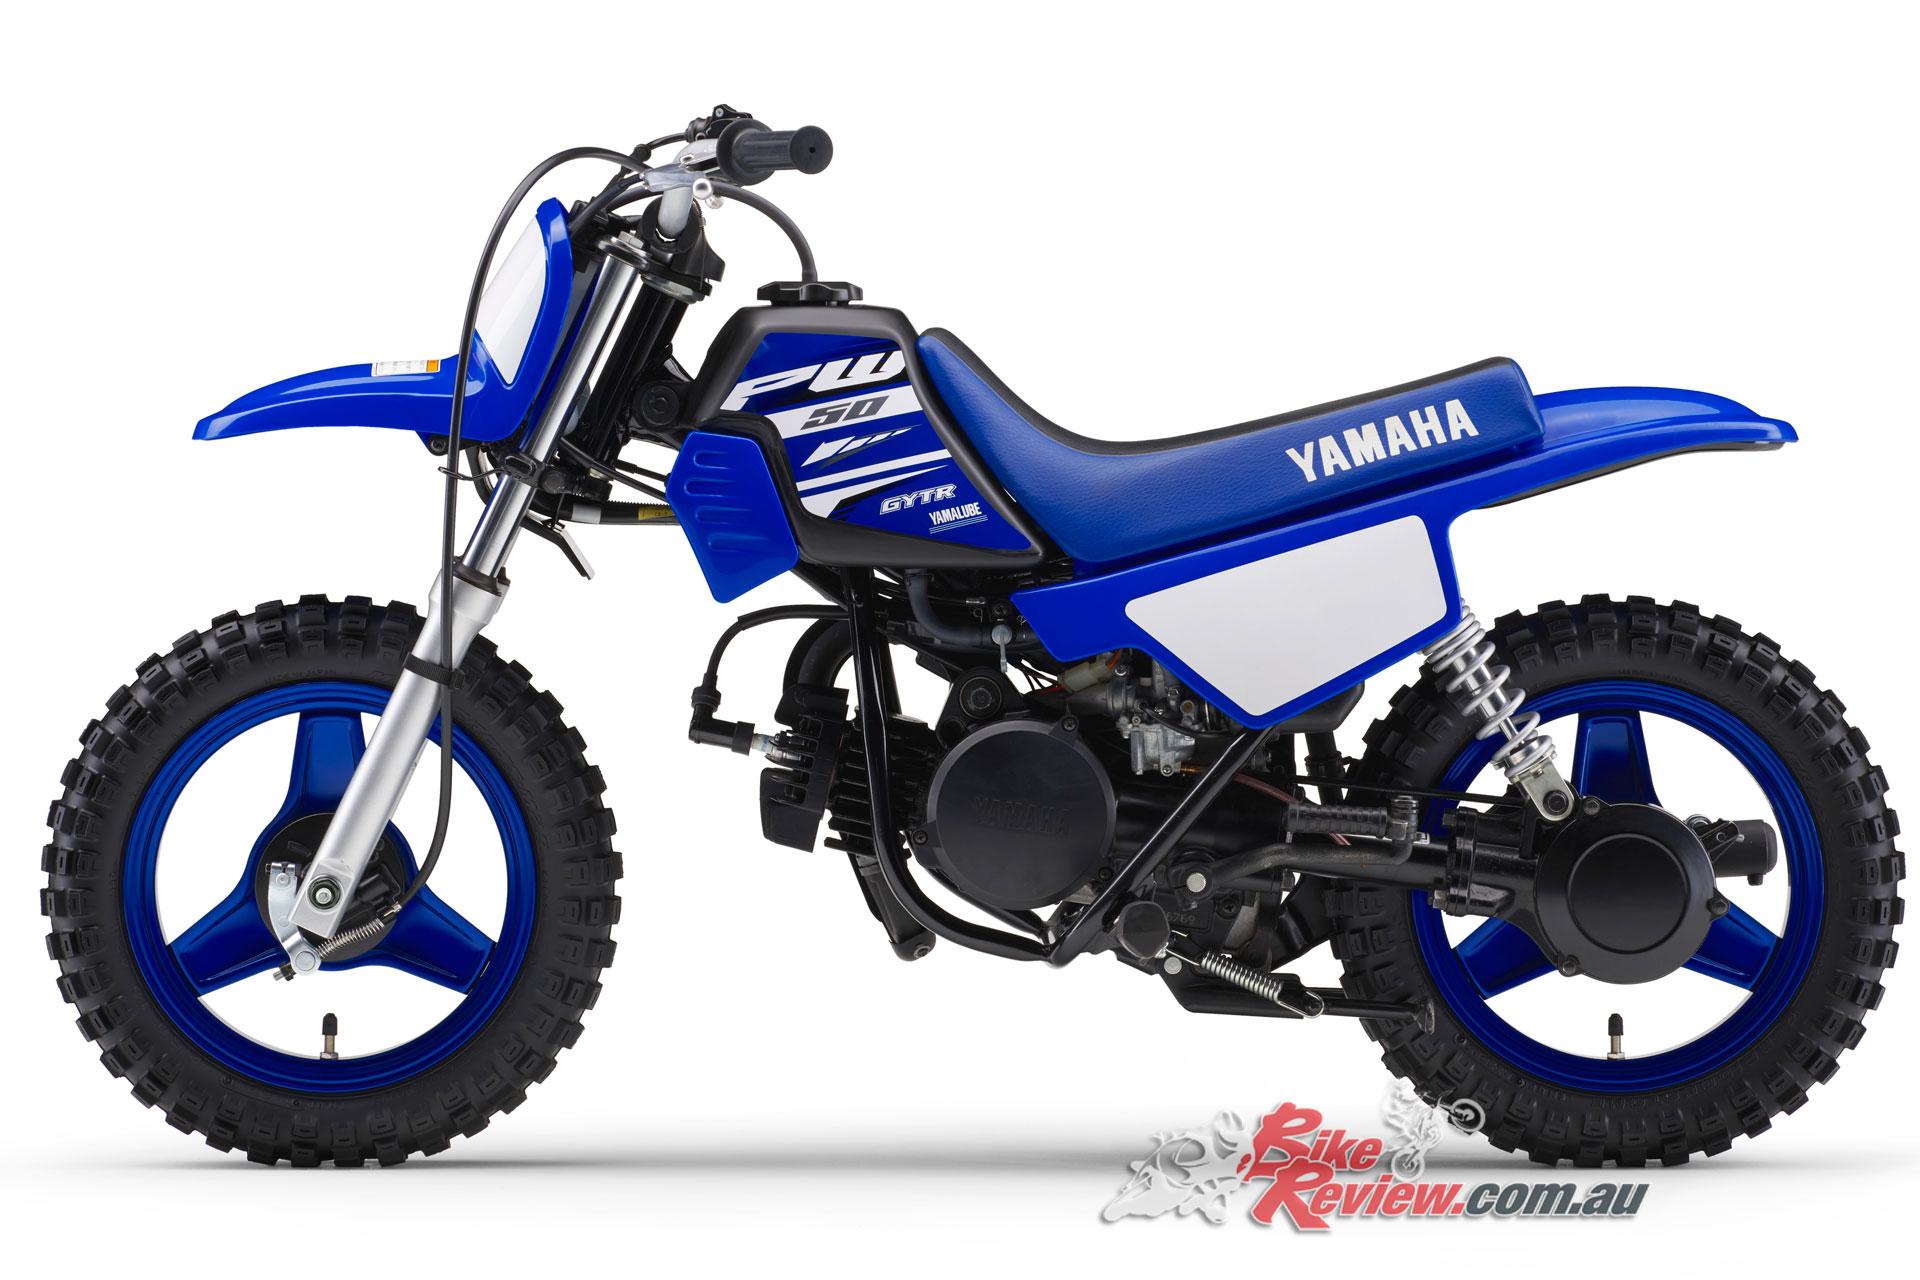 2018 Yamaha PW50